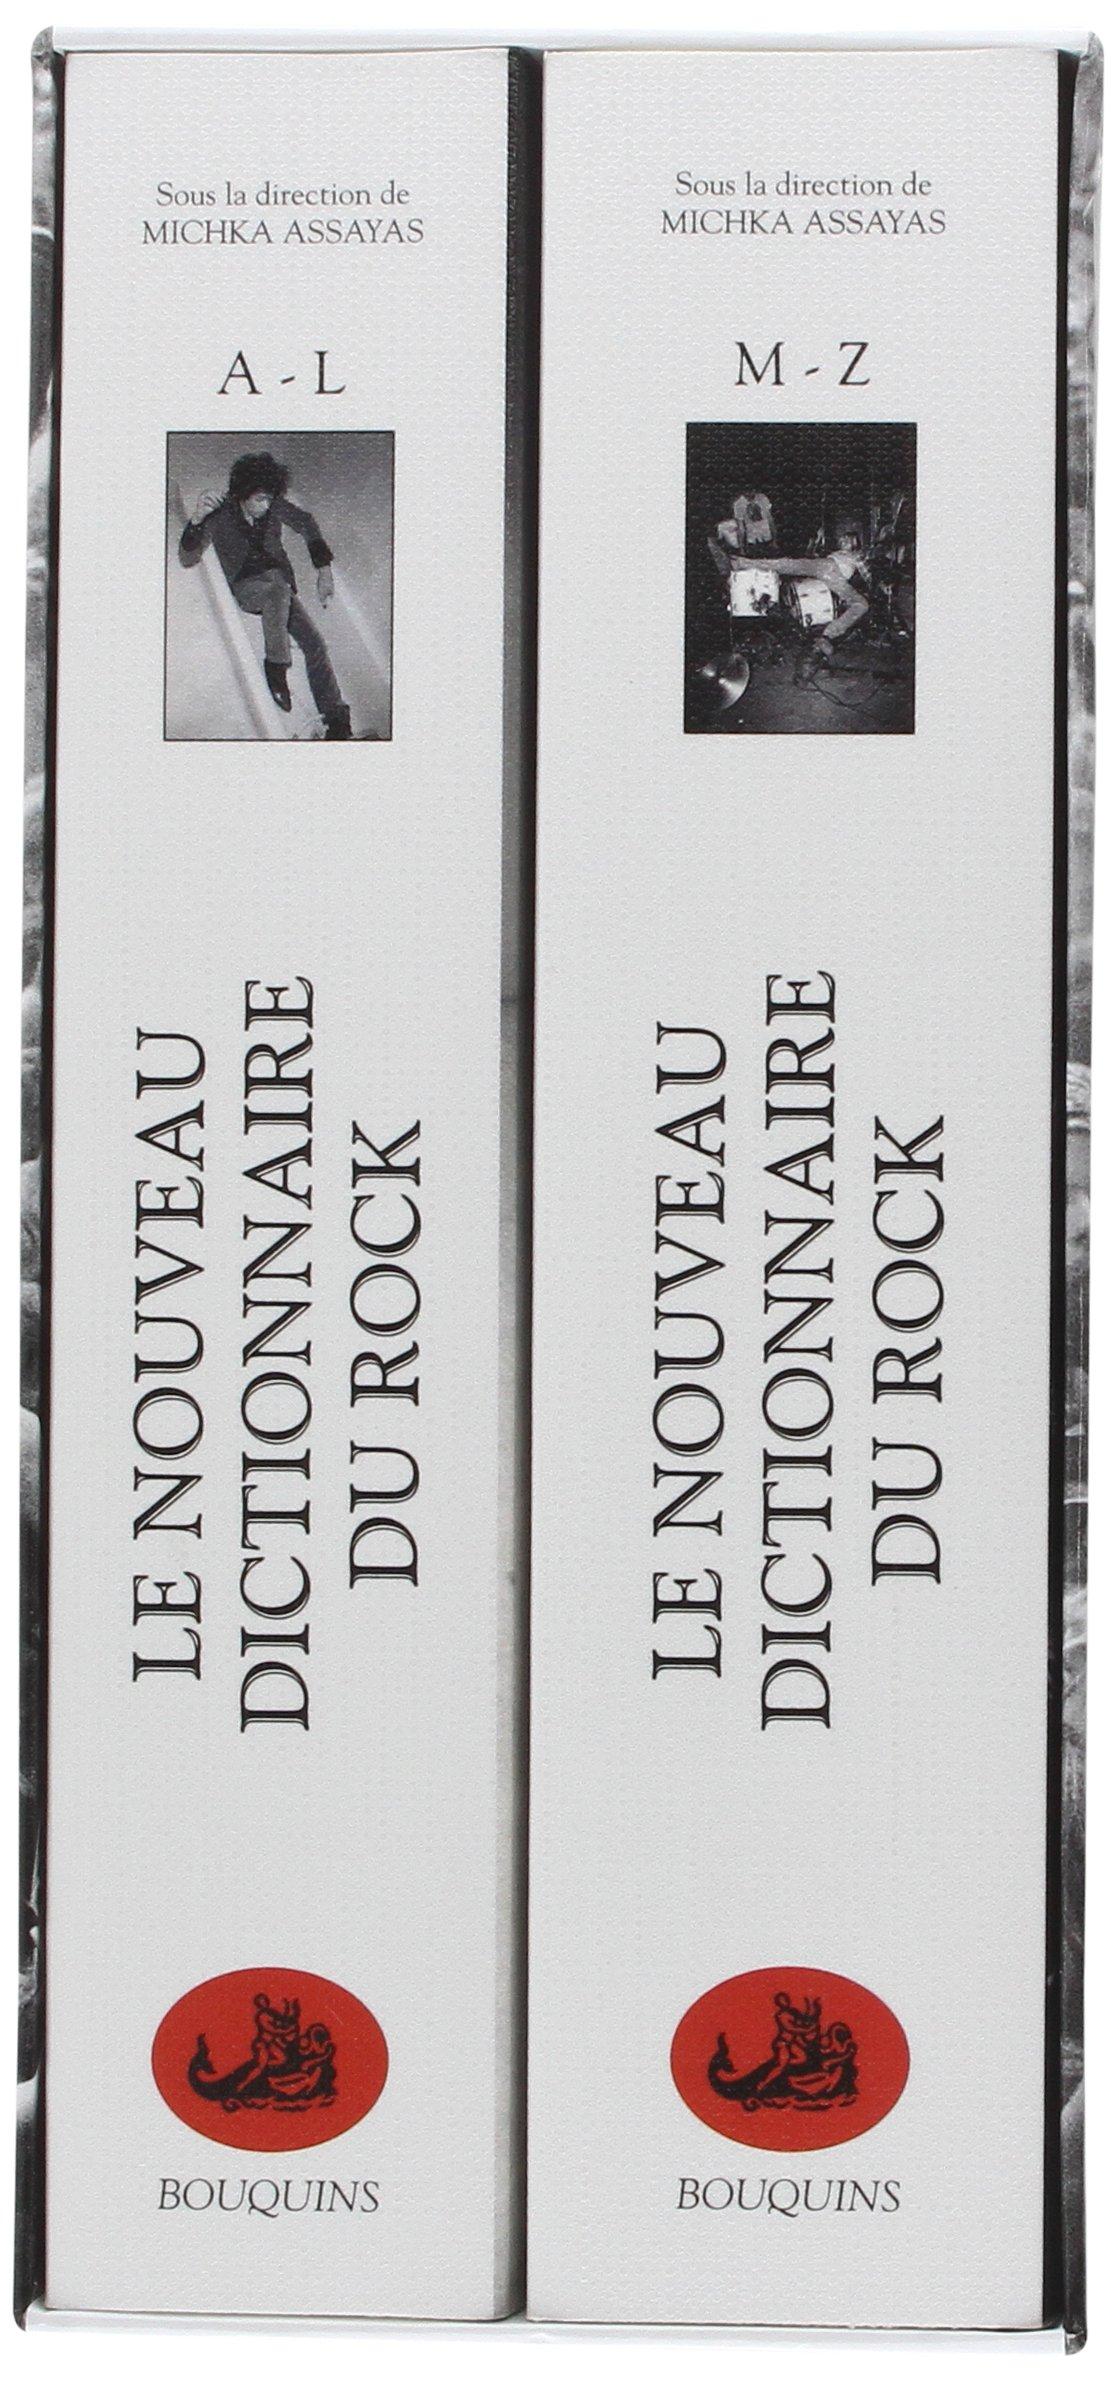 DICTIONNAIRE DU ROCK (1)